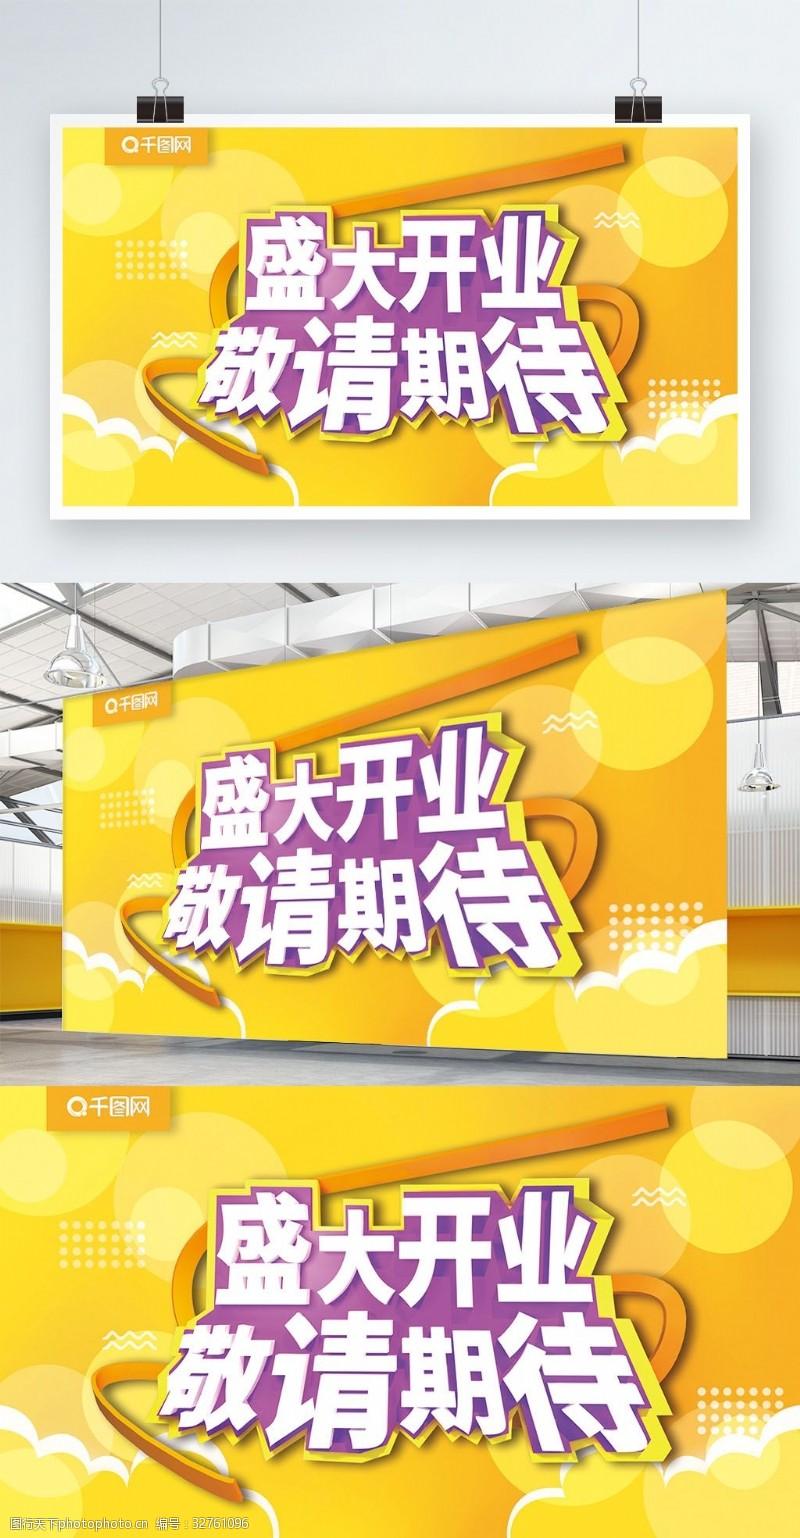 原创展板原创黄色盛大开业C4D立体字展板